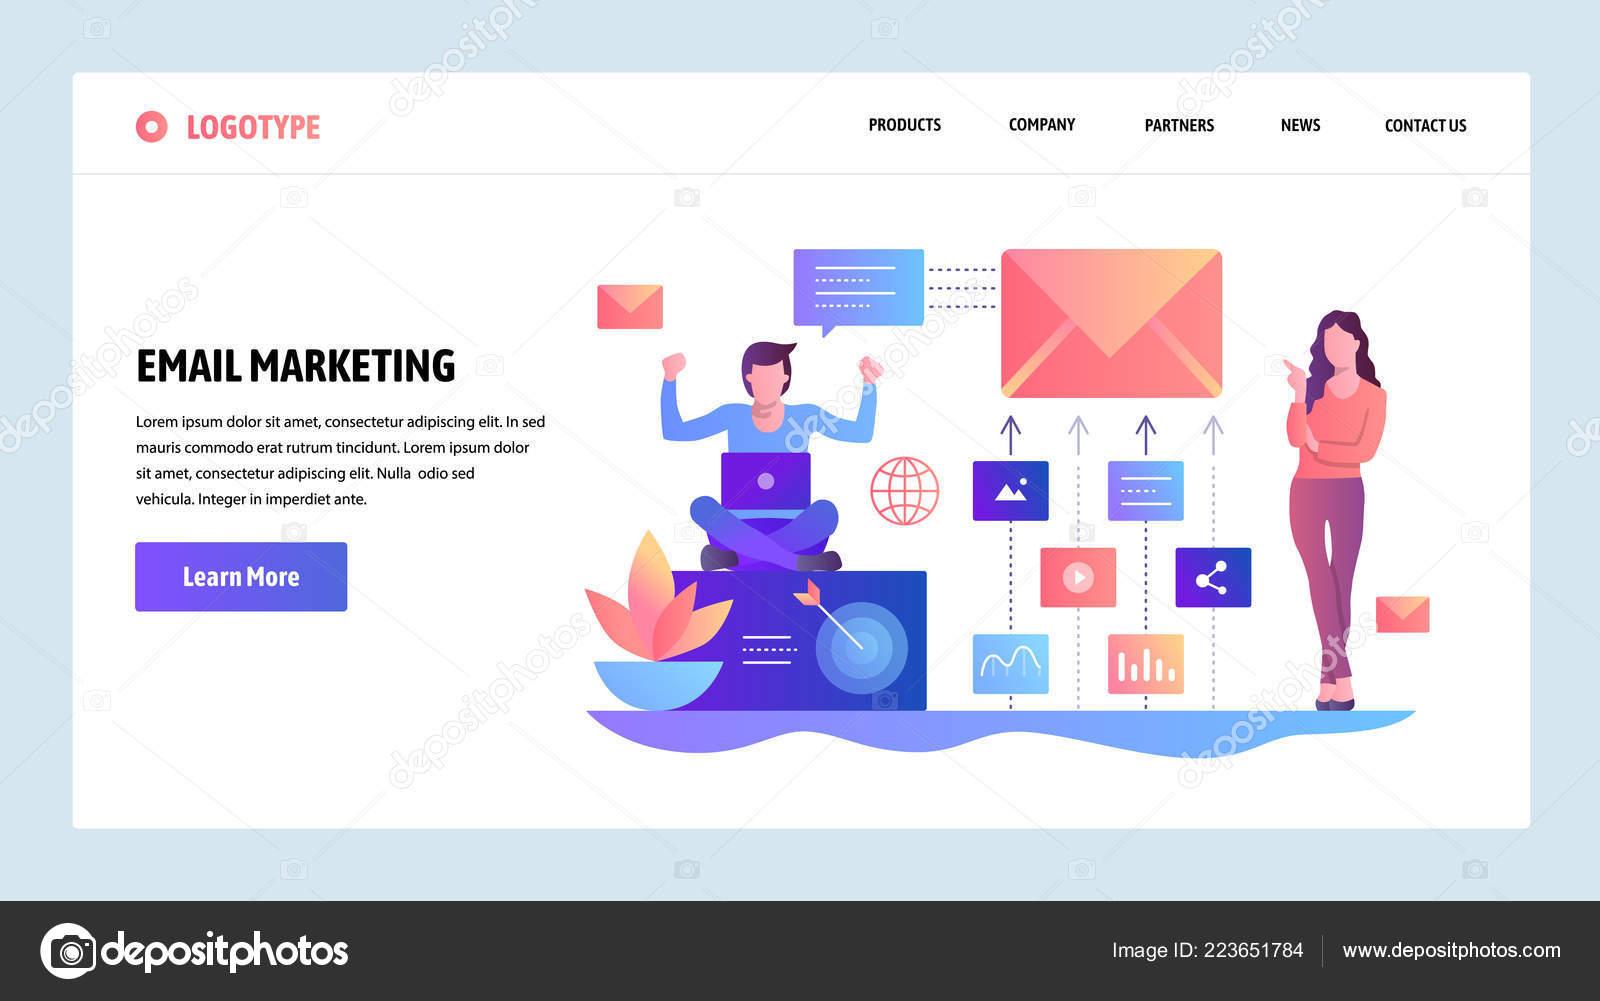 Šablona návrhu webu vektorové. Digitální a e-mailový marketing. Úvodní  stránka koncepty pro adc6fb2af0